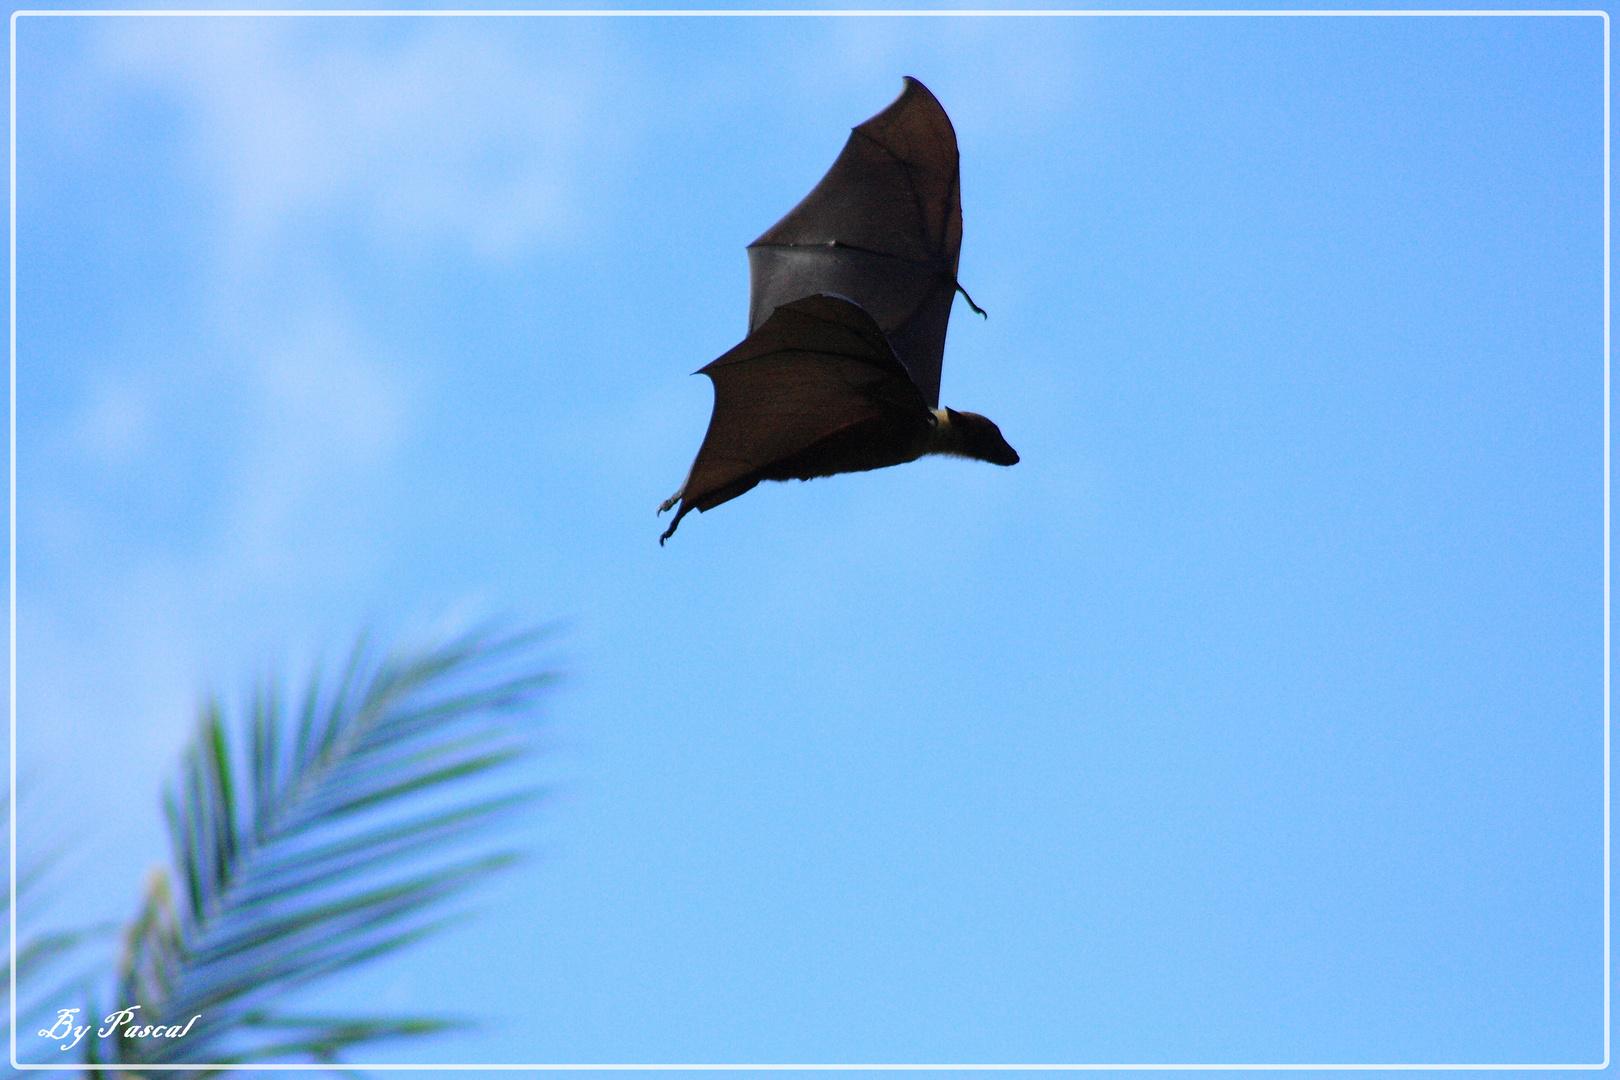 Le vol de Batman